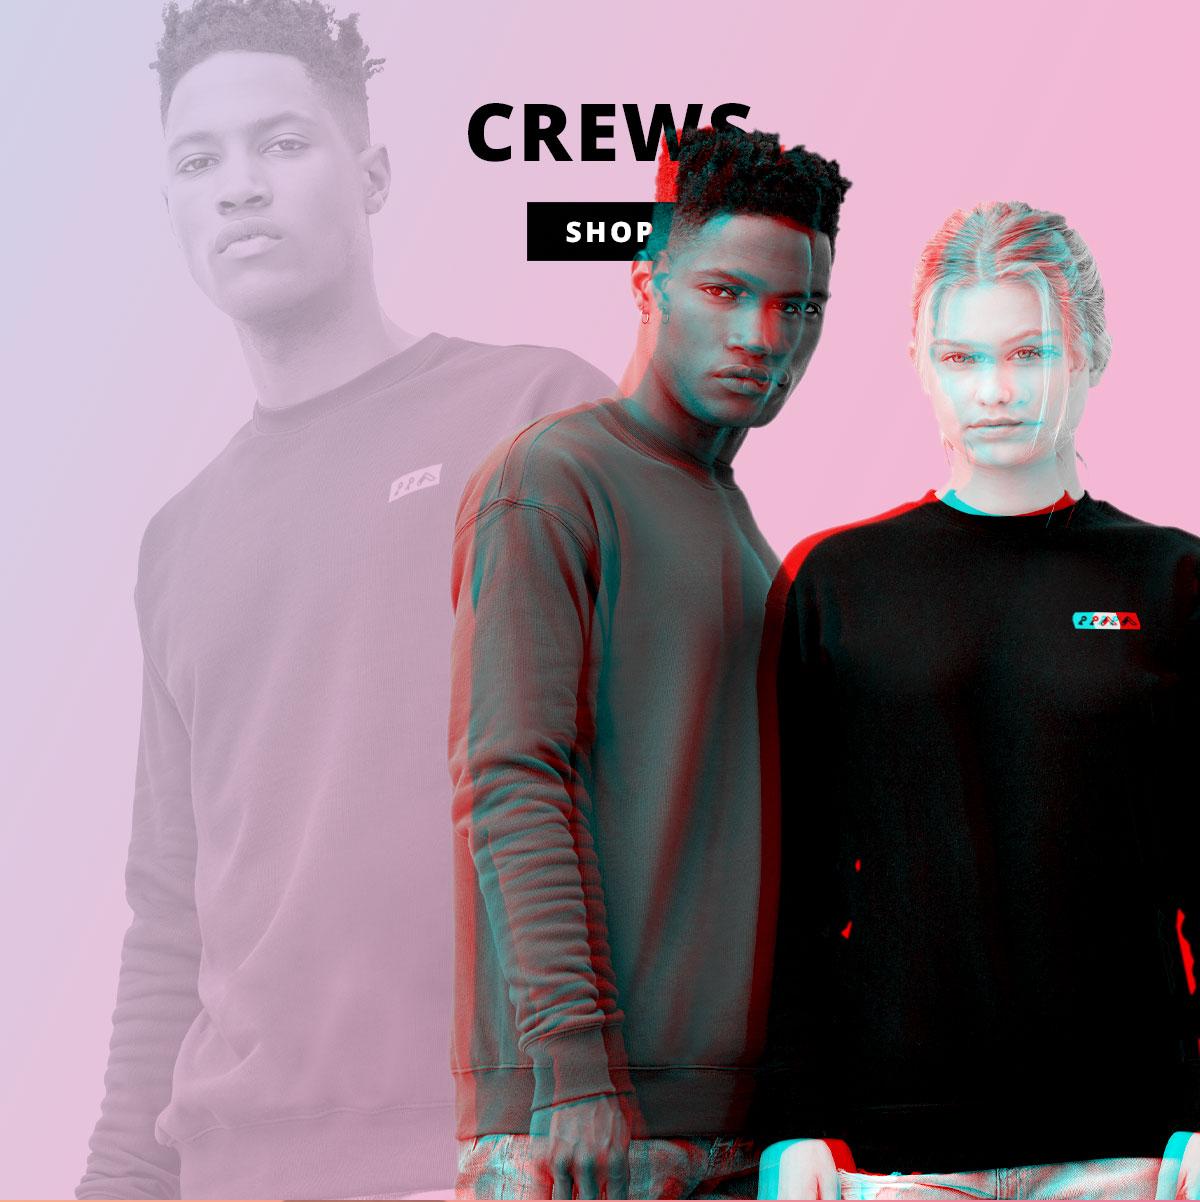 kikicutt crew sweatshirts